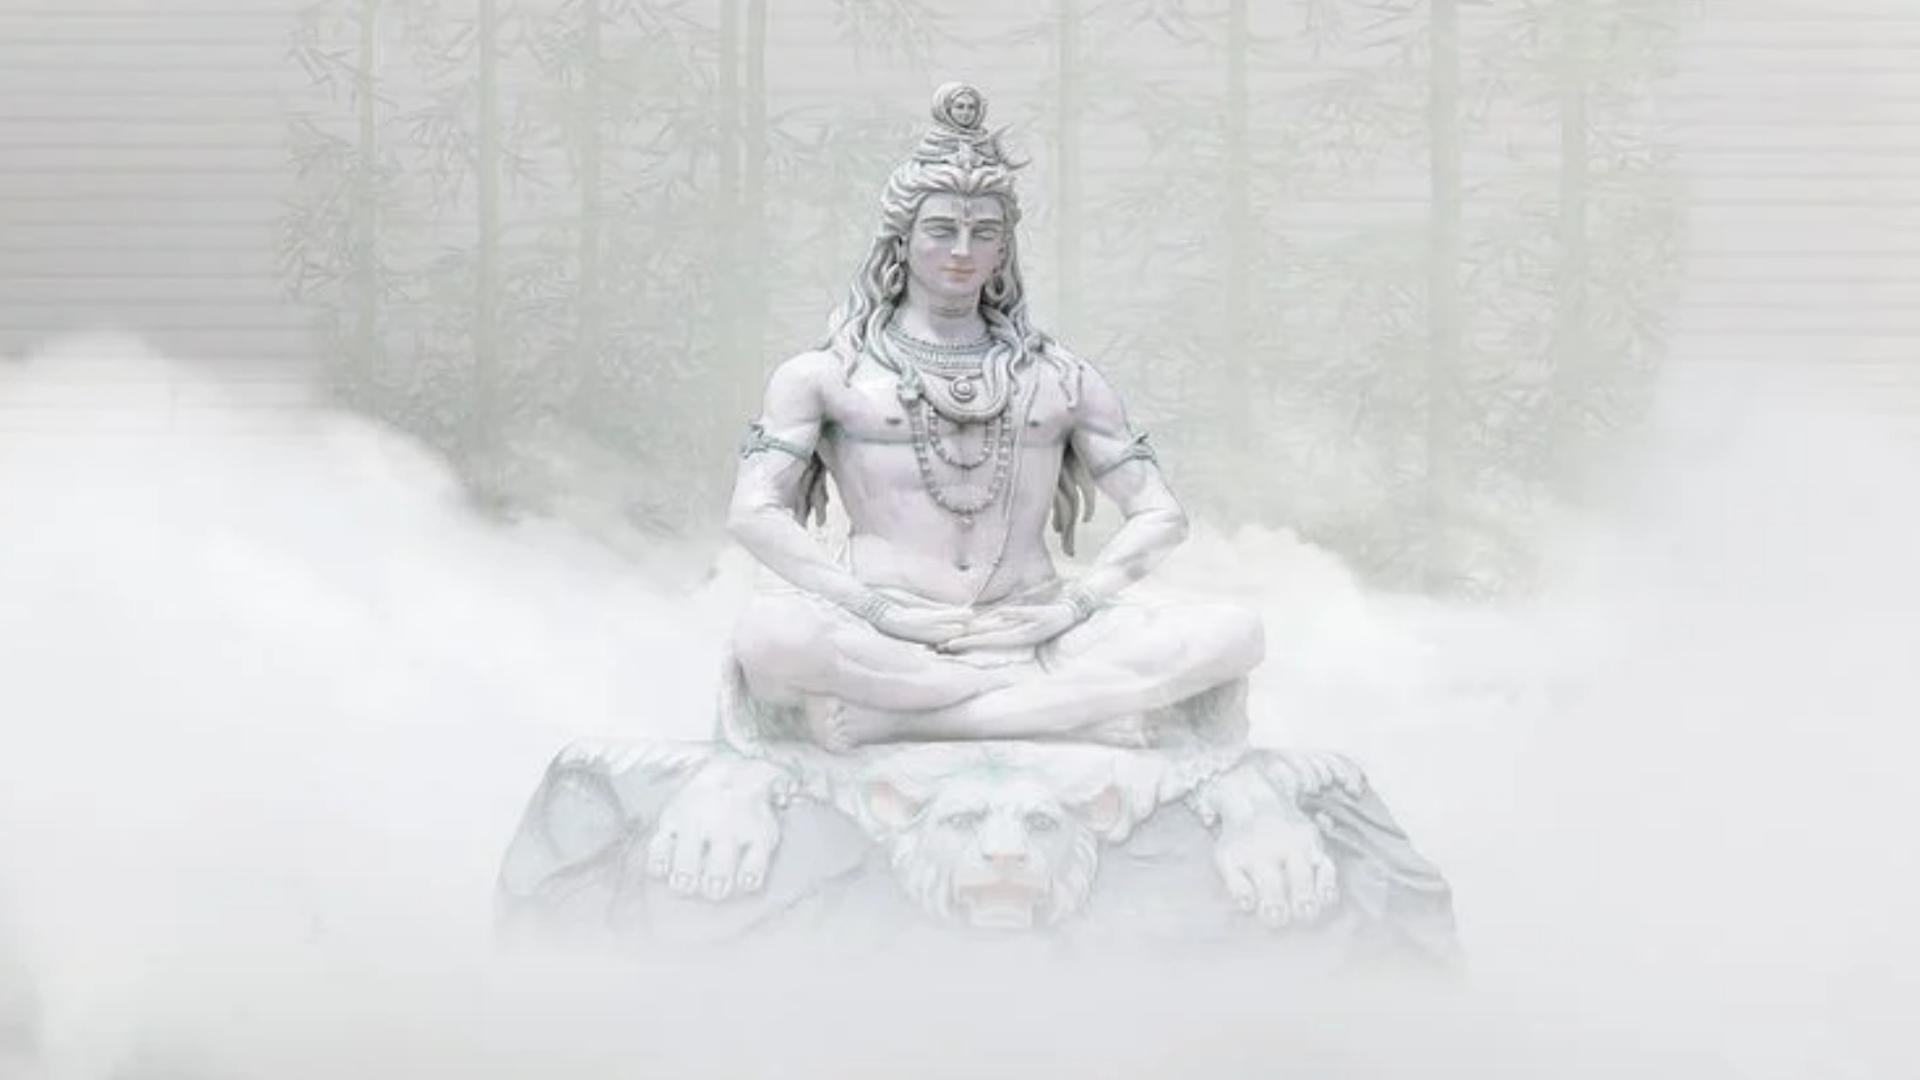 Bhimashankar jyurtiling